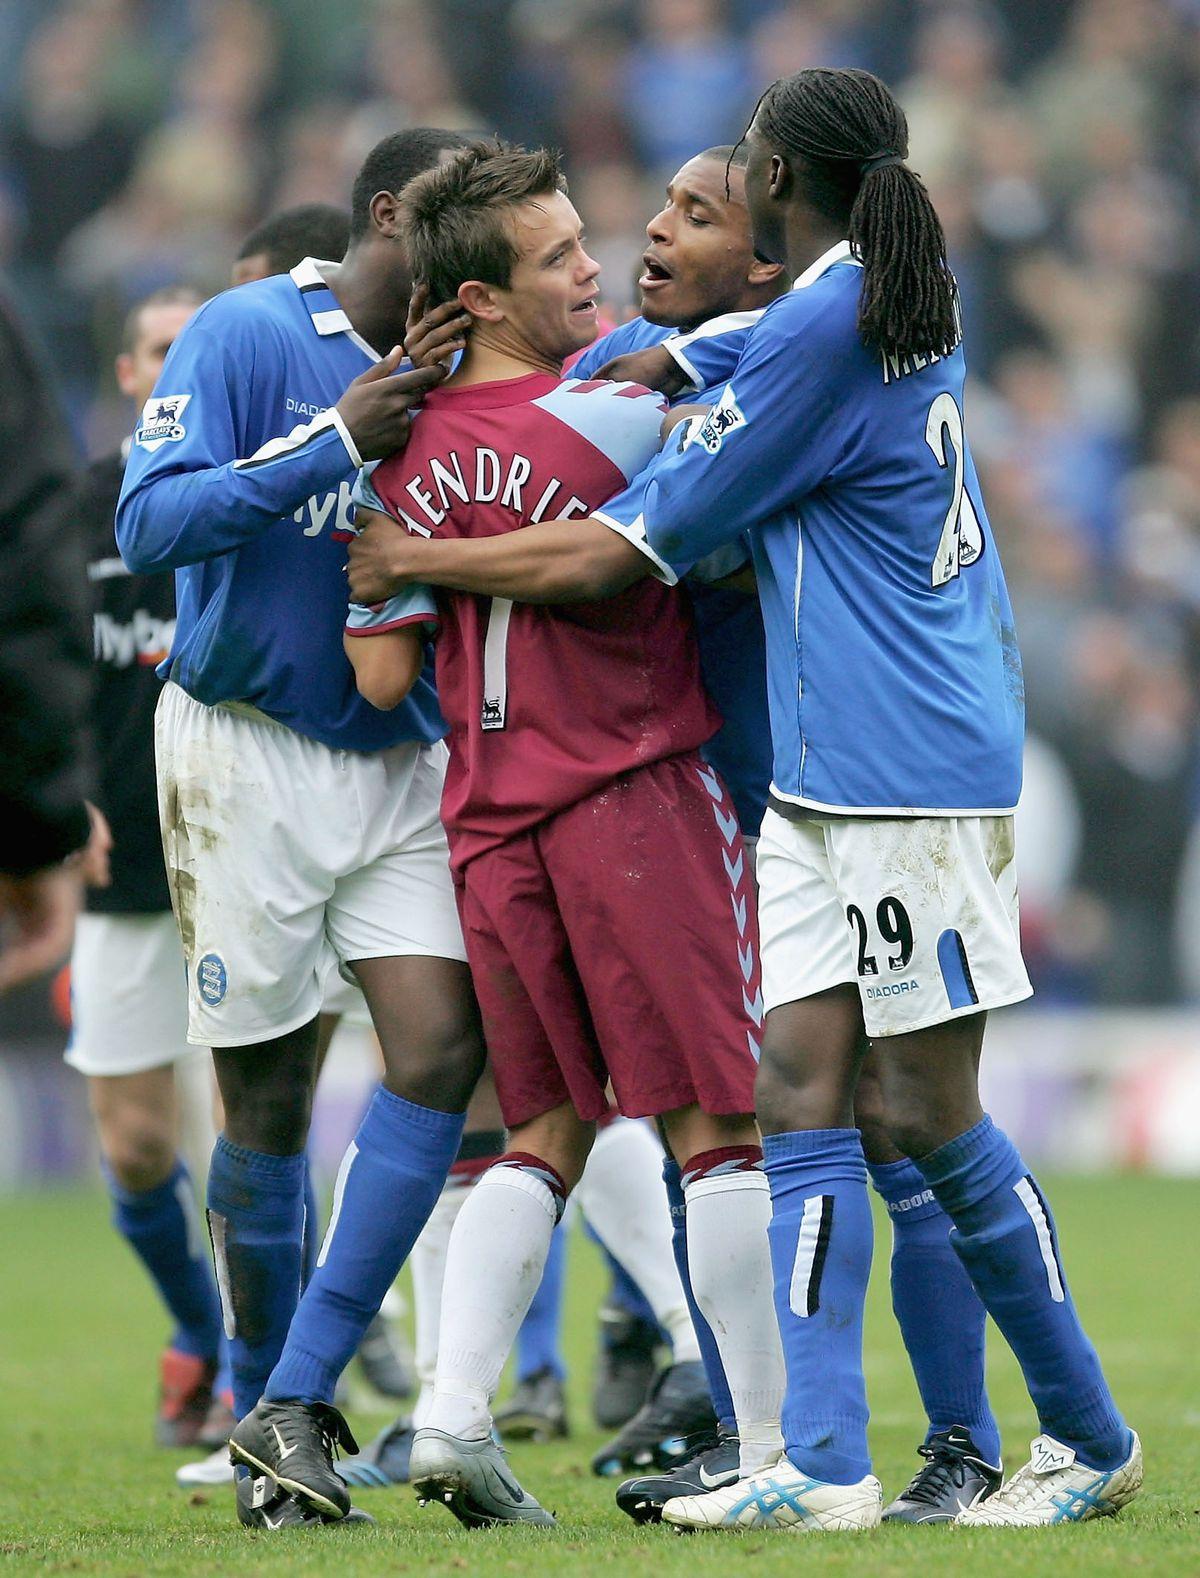 Birmingham City v Aston Villa